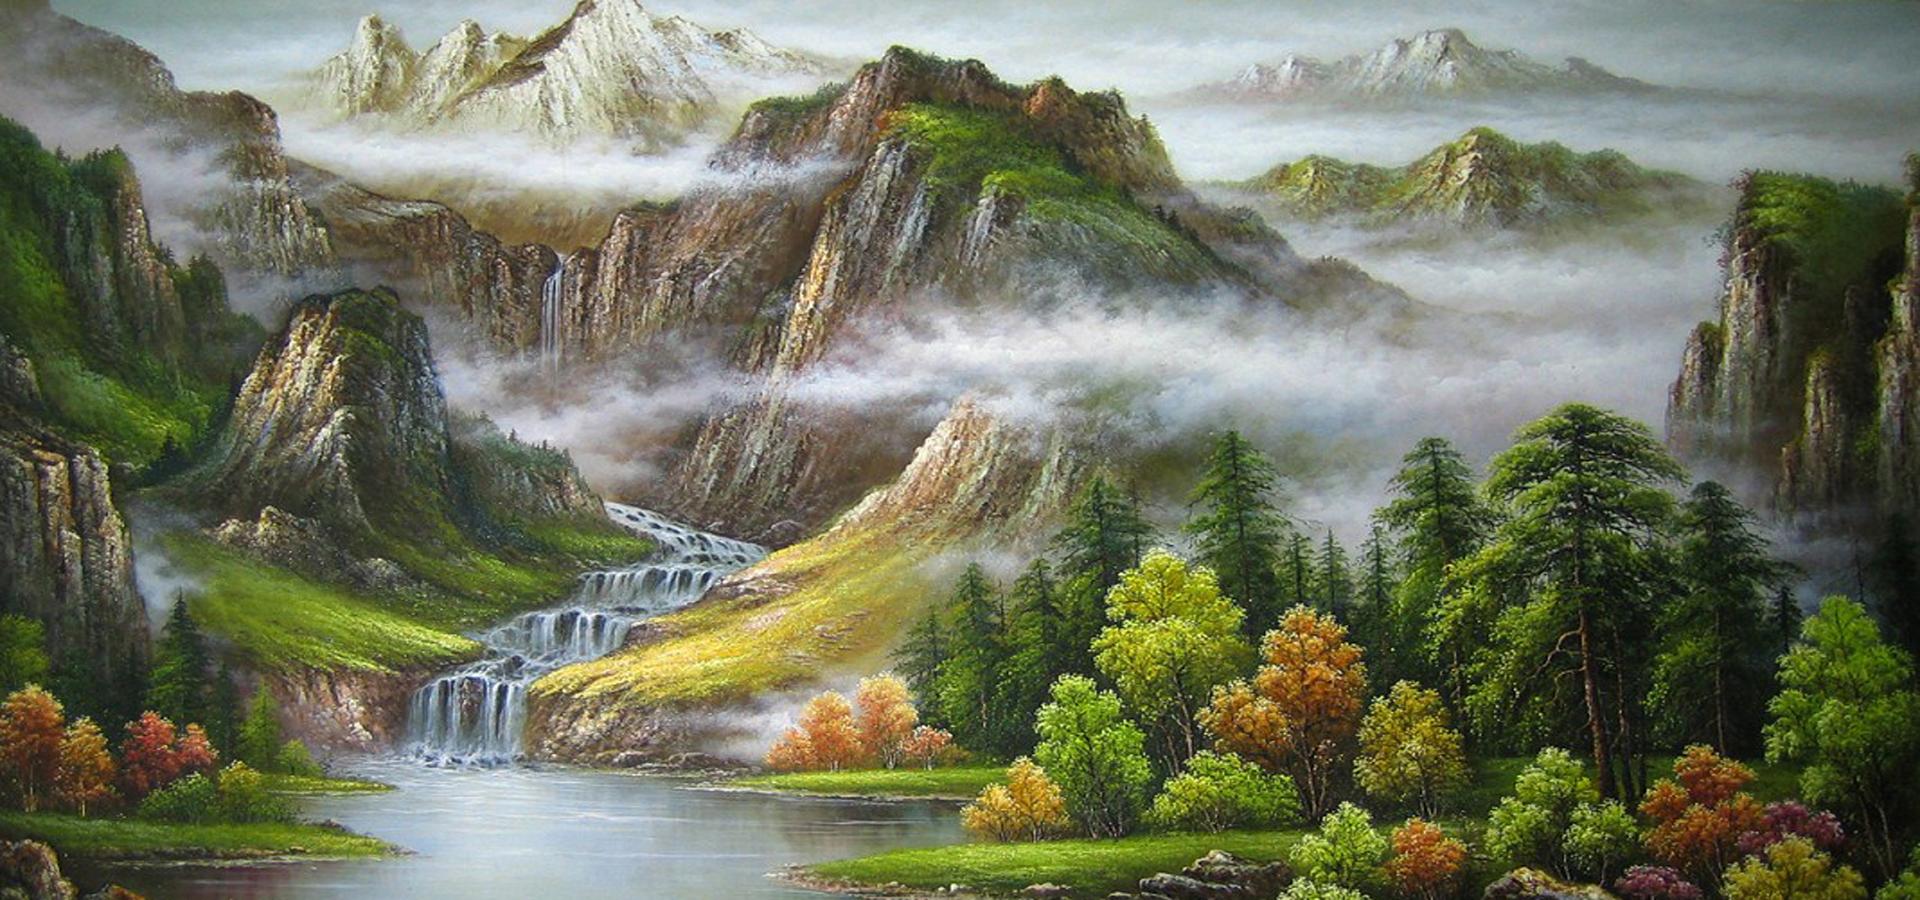 la peinture de paysage de l huile montagne de l eau image